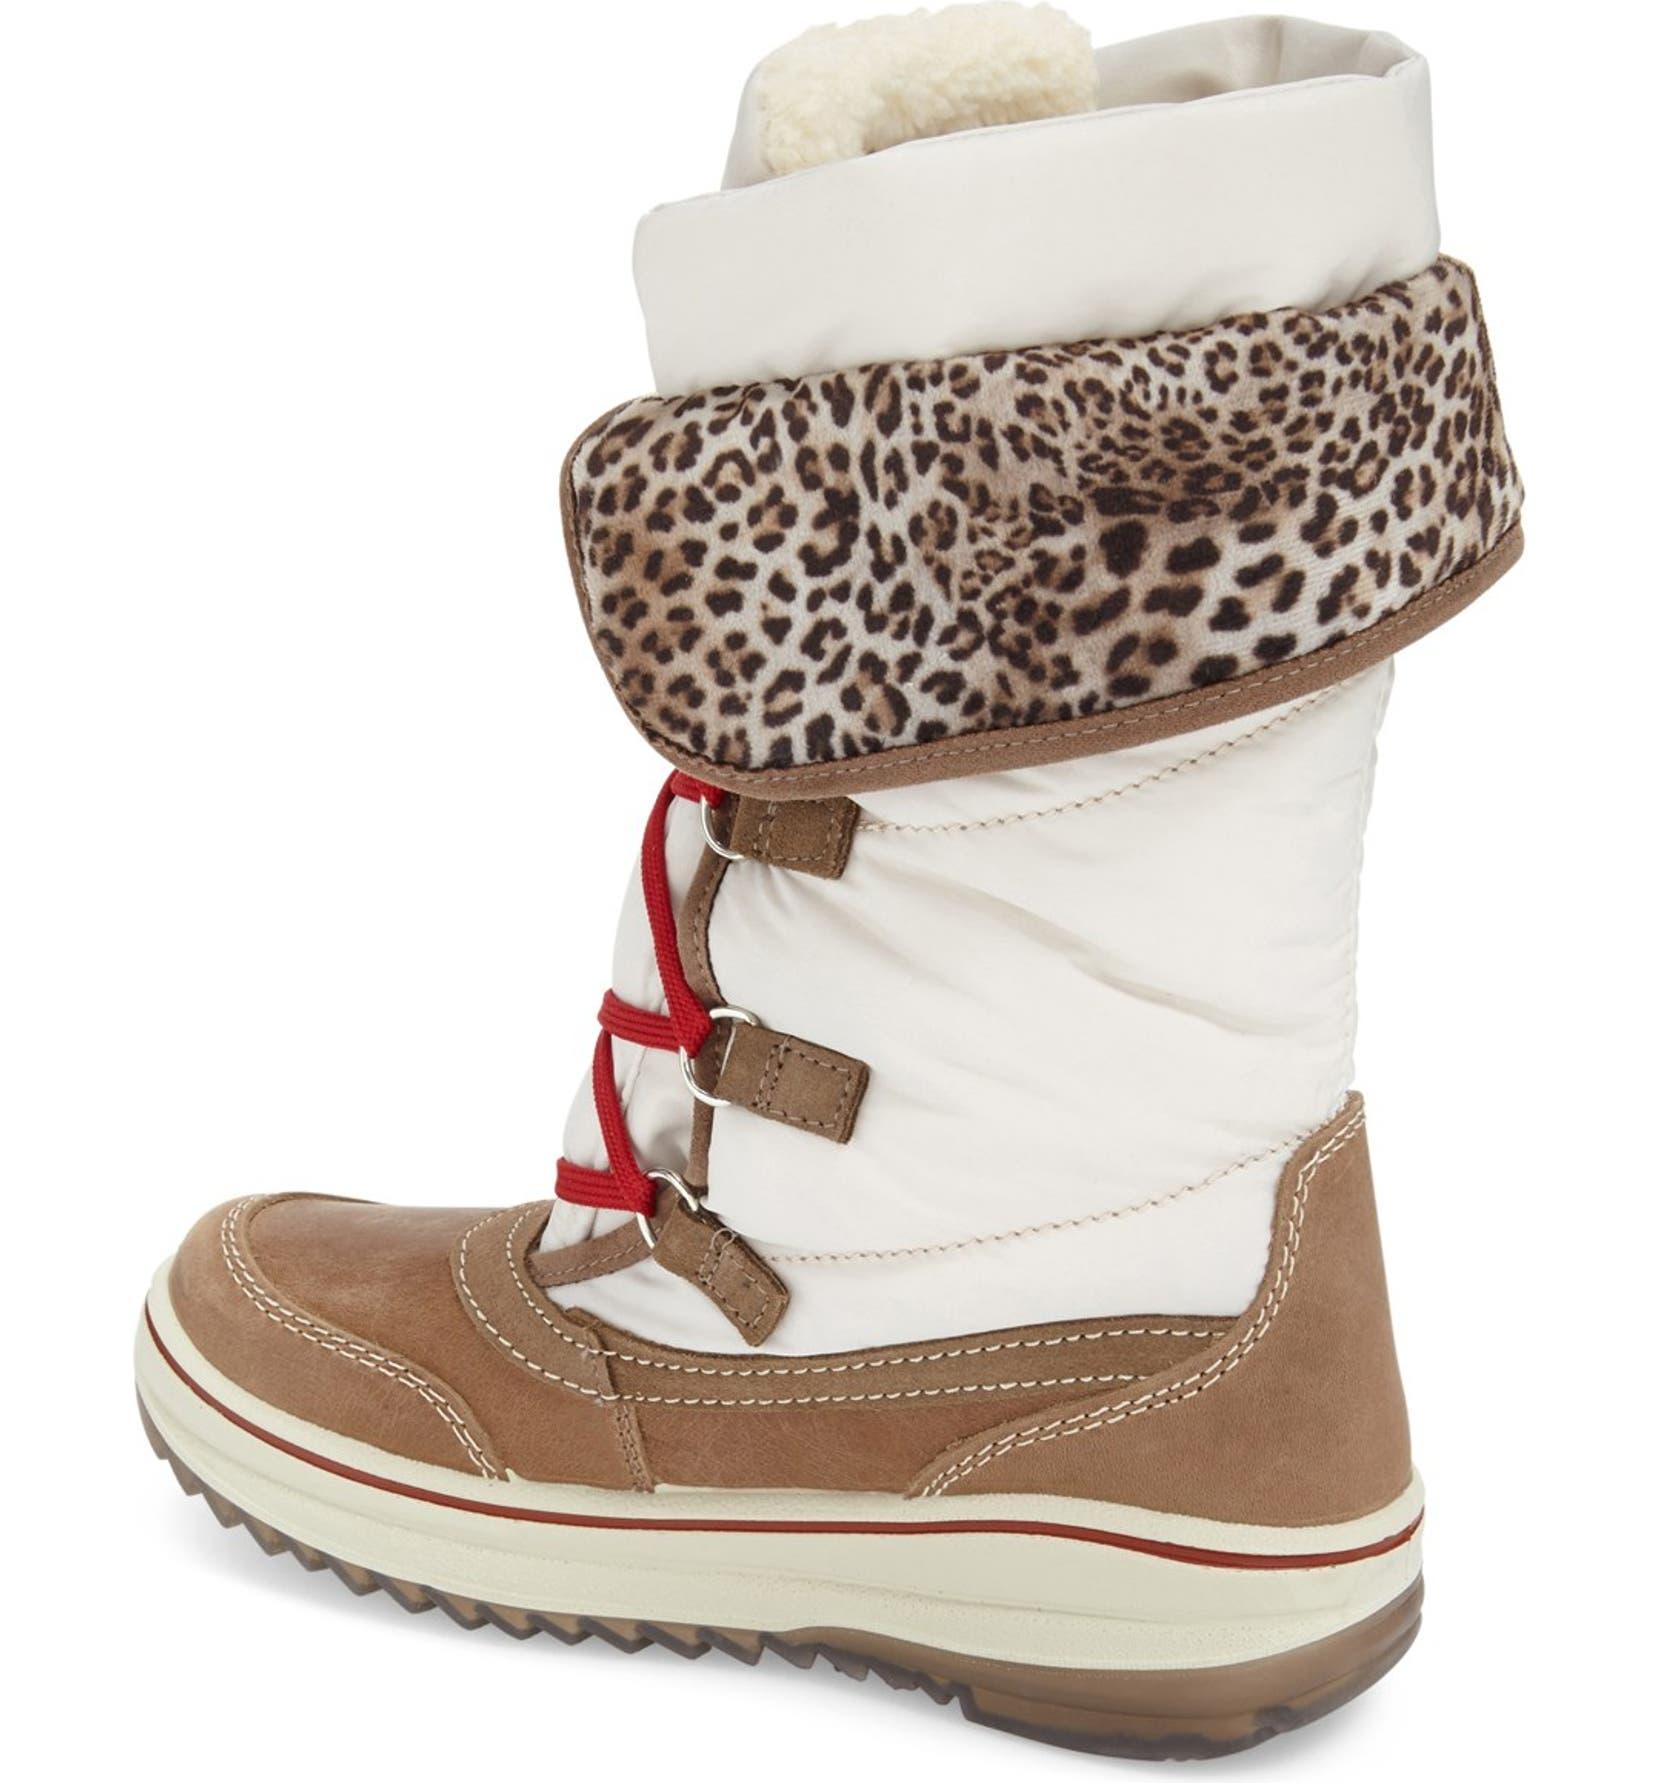 d3159e4ece0 'Mirabelle' Waterproof Boot